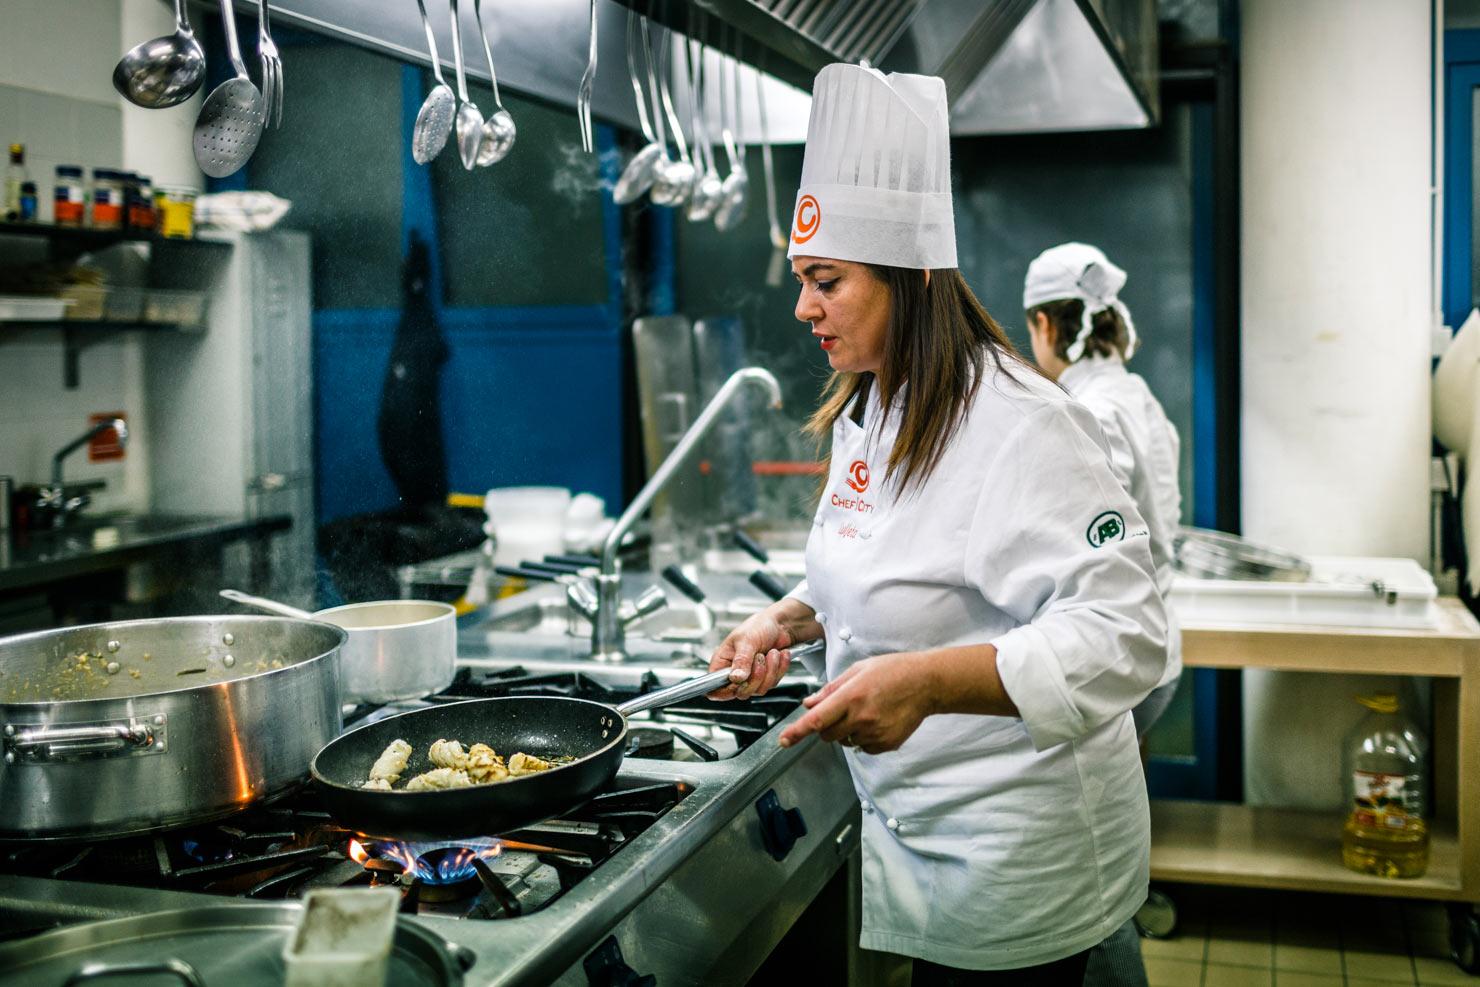 Per la finale di Chef in the City ci saranno  250 giudici popolari a valutare i piatti in gara